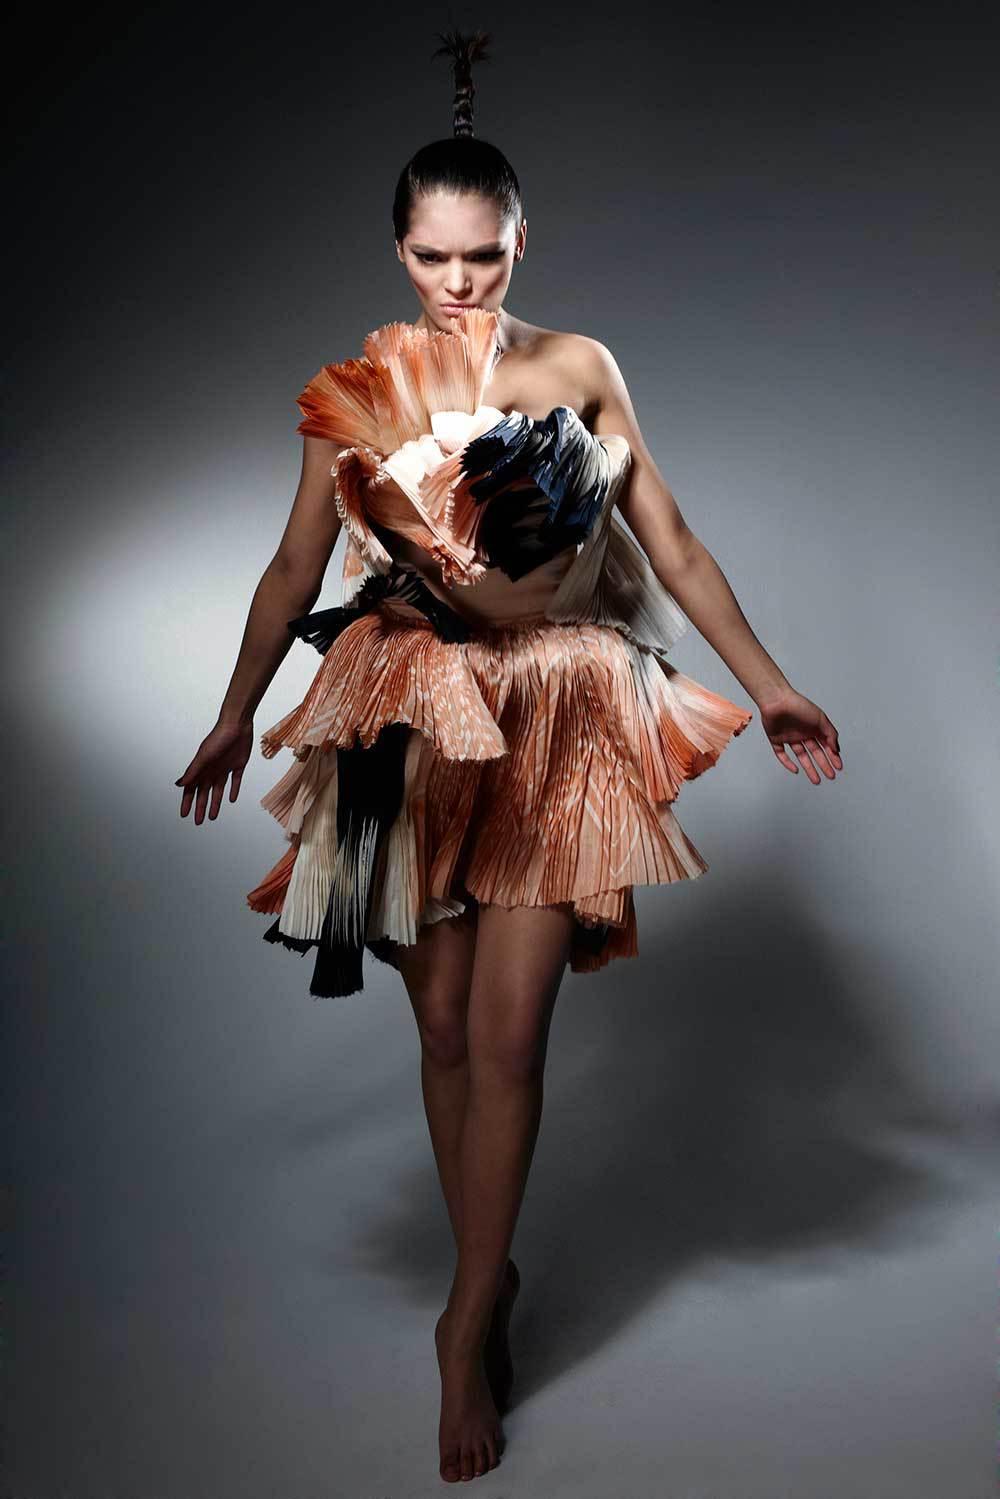 Felicity-Brown-AW2010-Gabrielle2.jpg